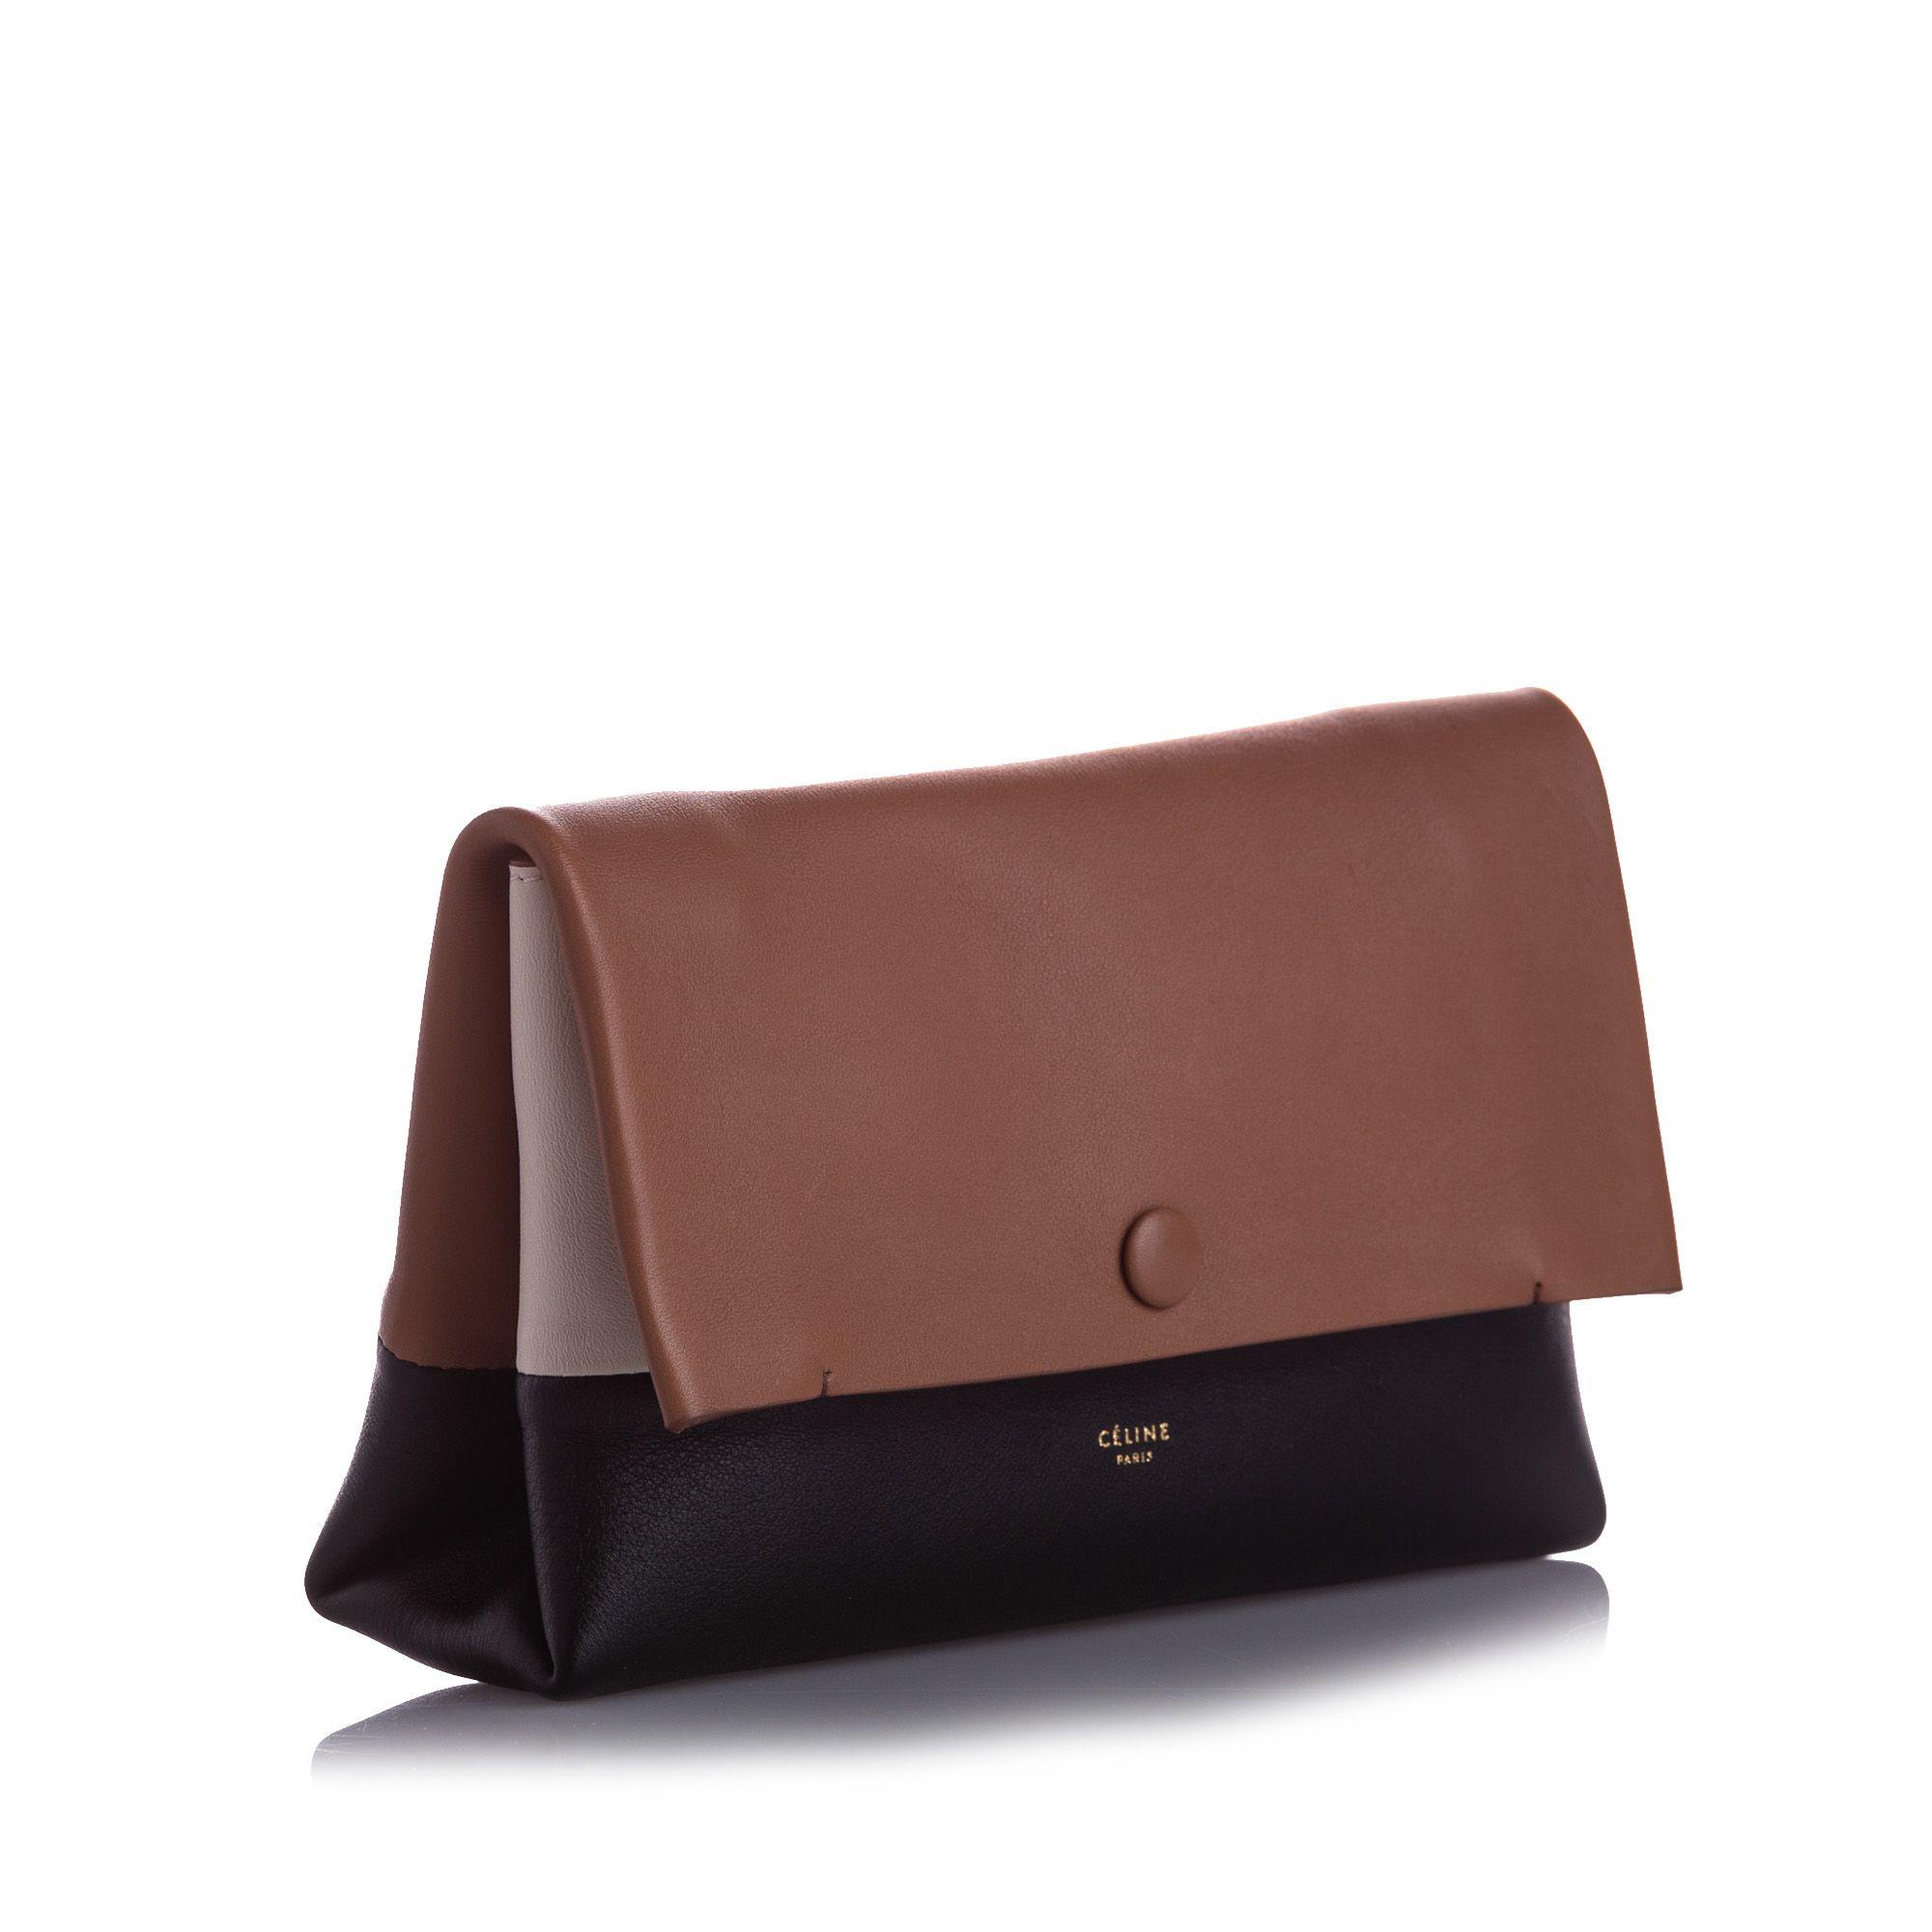 Vintage Celine All Soft Leather Clutch Bag Brown